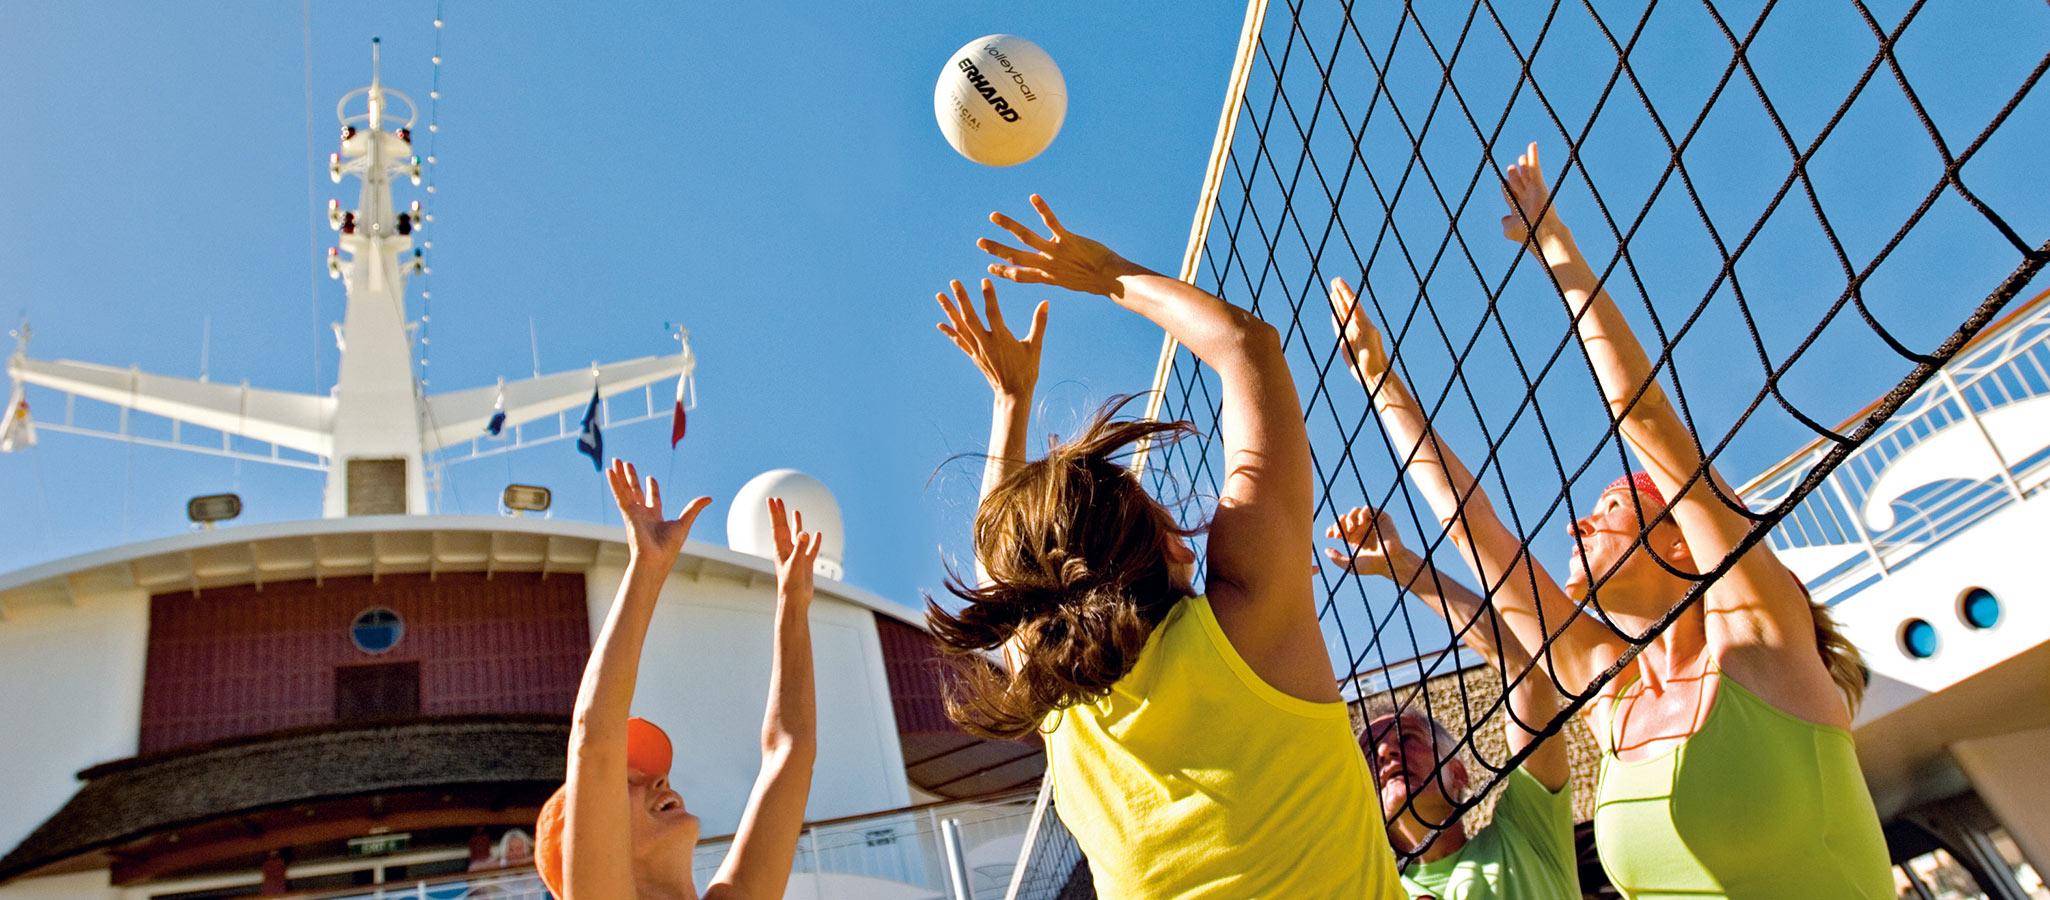 Für die sportliche Betätigung Ihrer Teilnehmer gibt es an Bord Angebote vom Ballsport bis zum Hightech-Fitness-Studio.